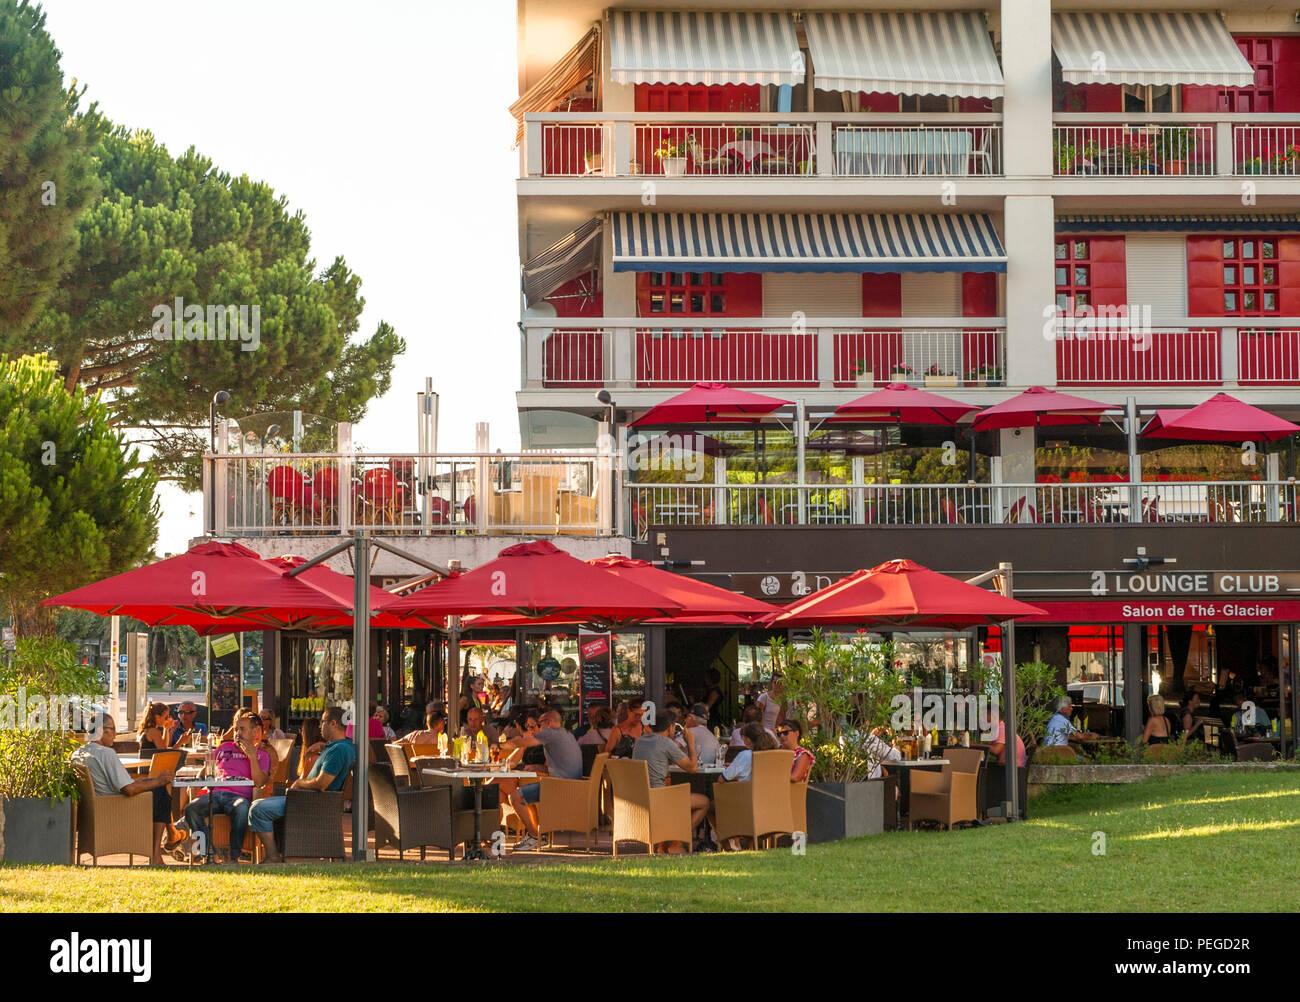 9a9d1f88ce France Cafe Terrace Stock Photos   France Cafe Terrace Stock Images ...